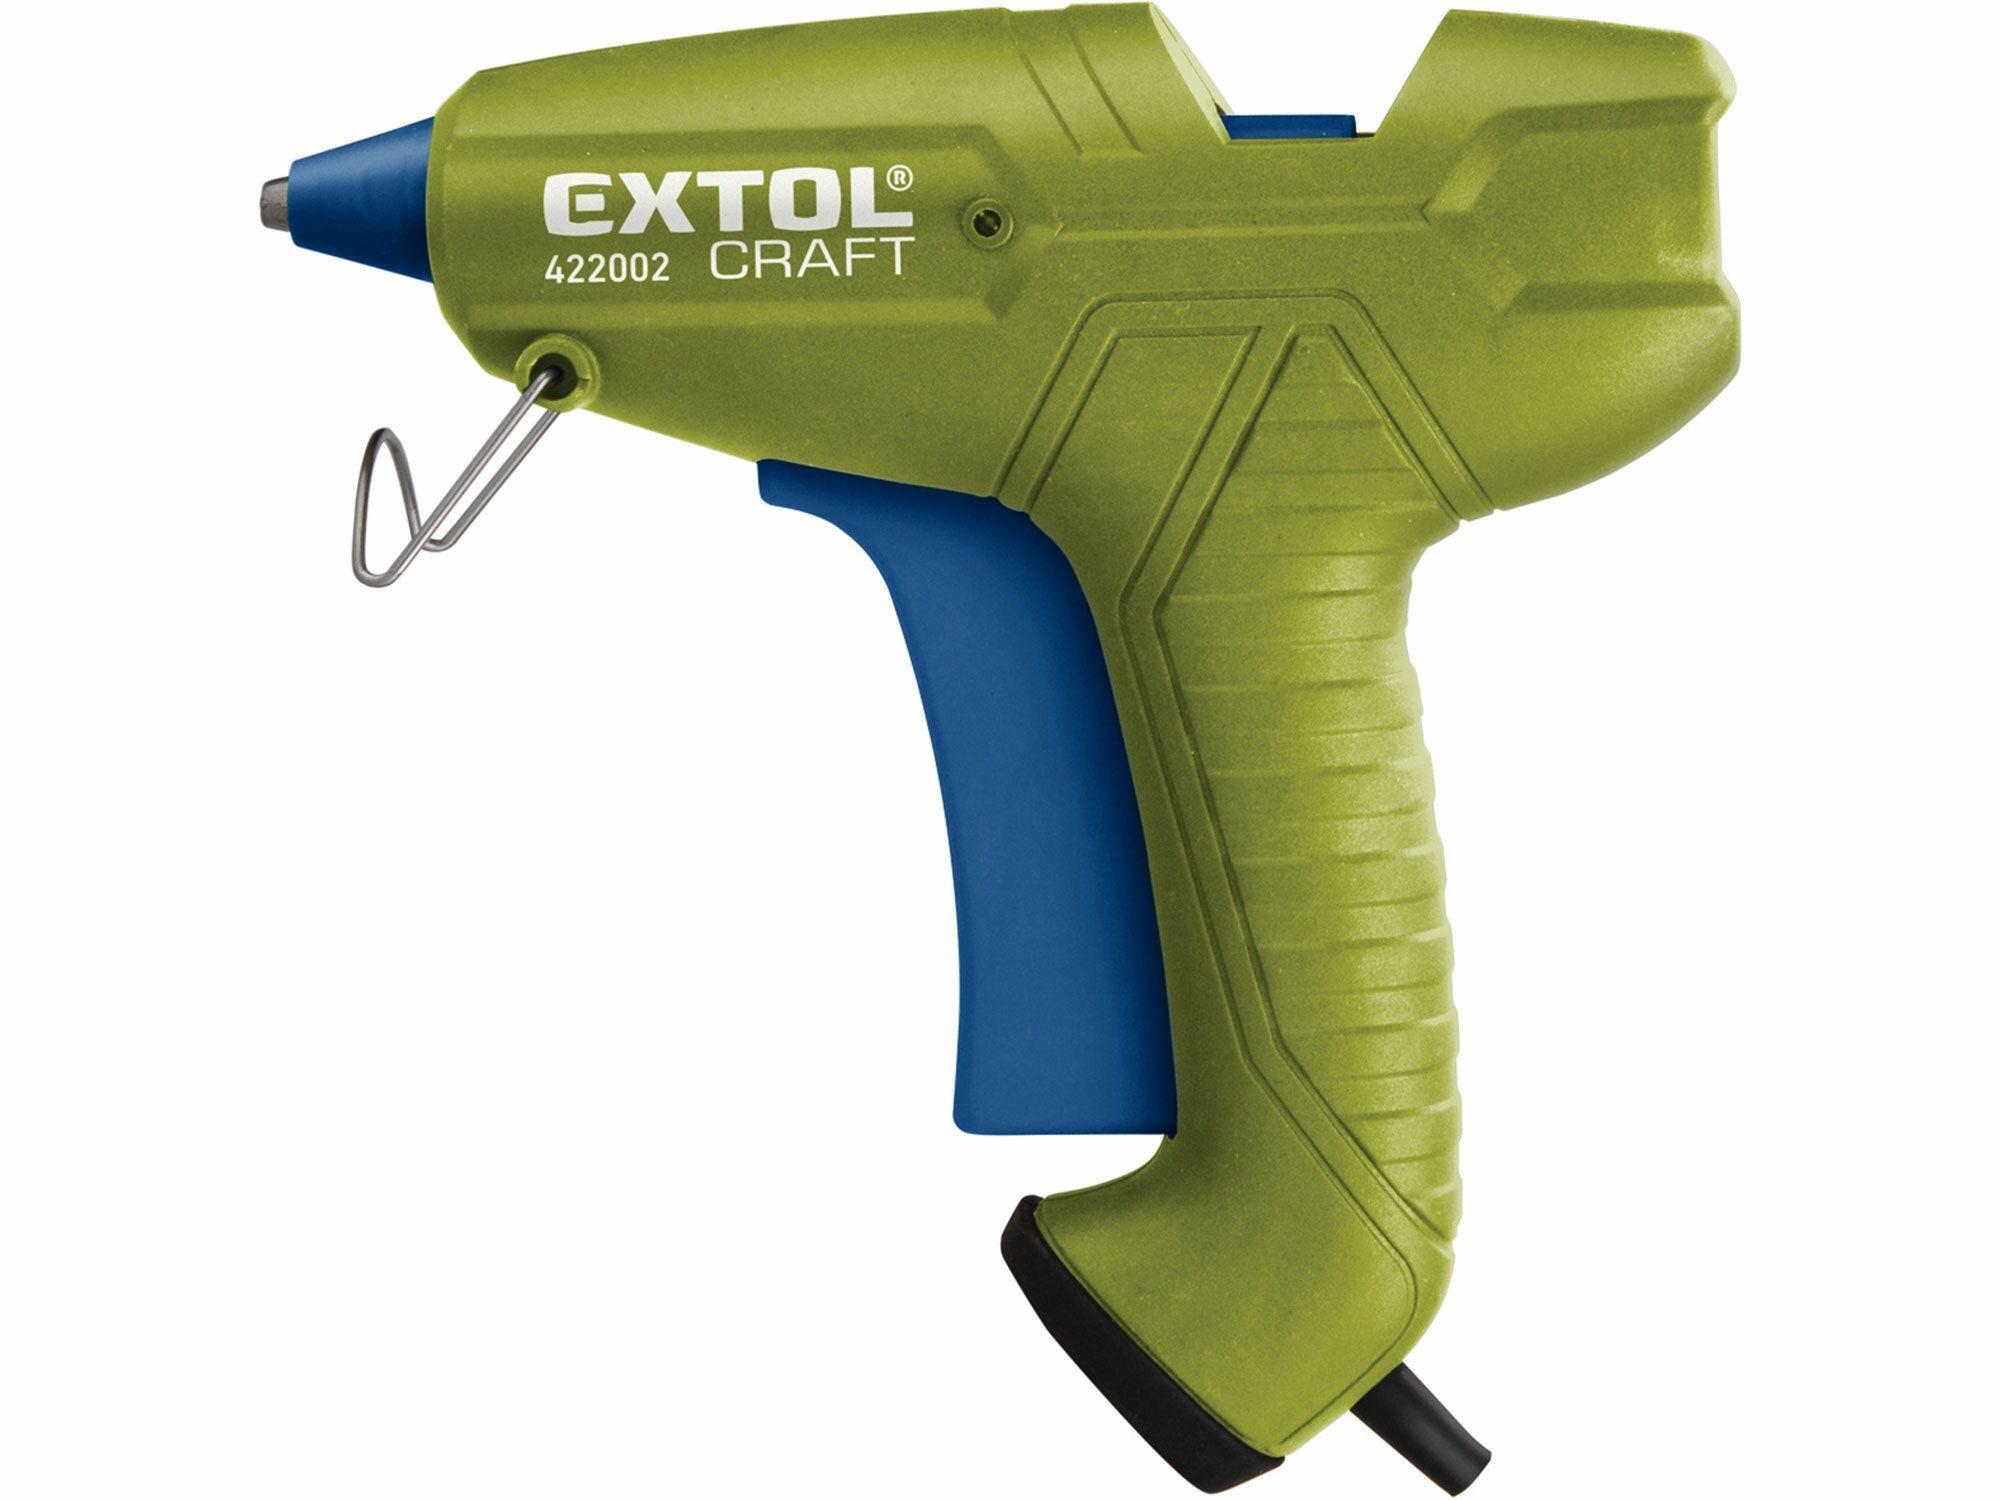 Pistole tavná lepící, Ř11mm, 65W, EXTOL CRAFT 422002